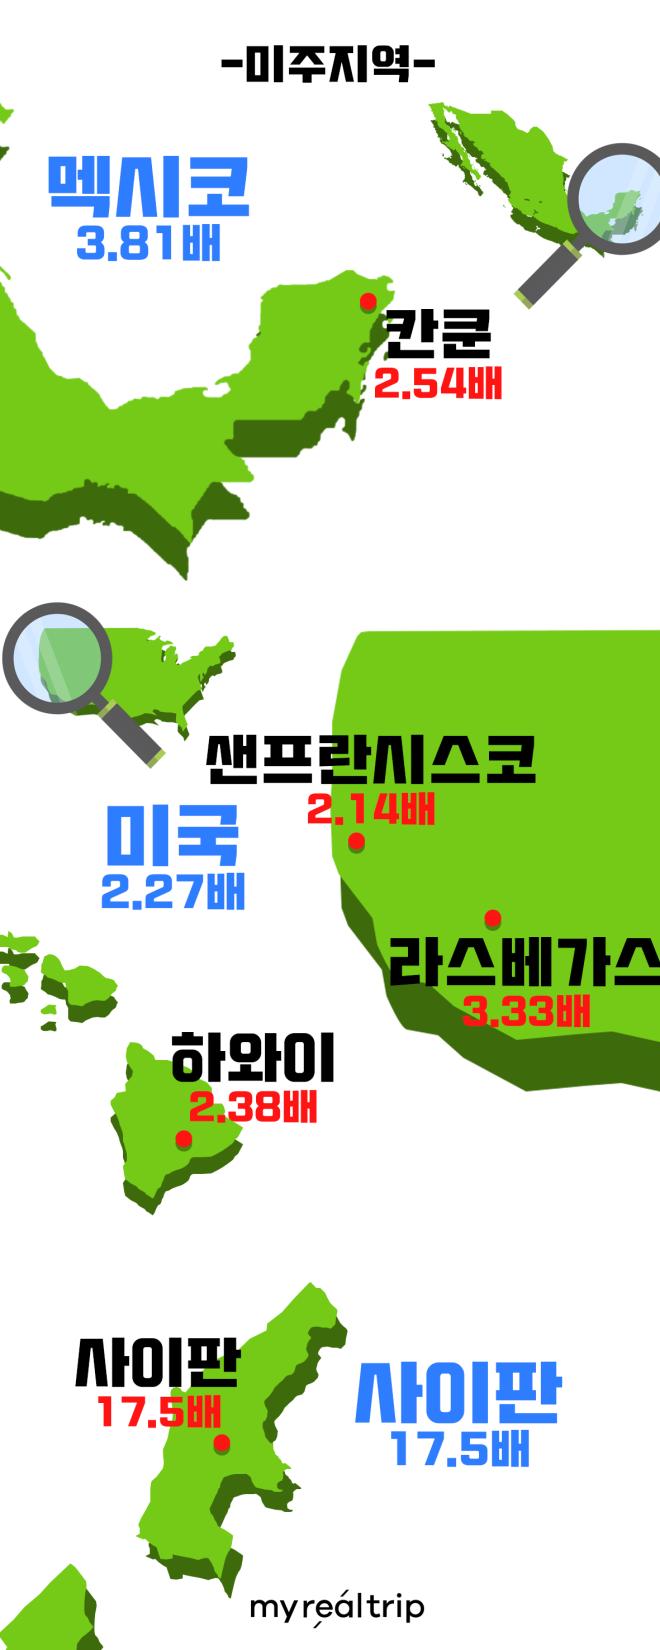 대륙별 예약수 성장순위 - 미주지역 -3